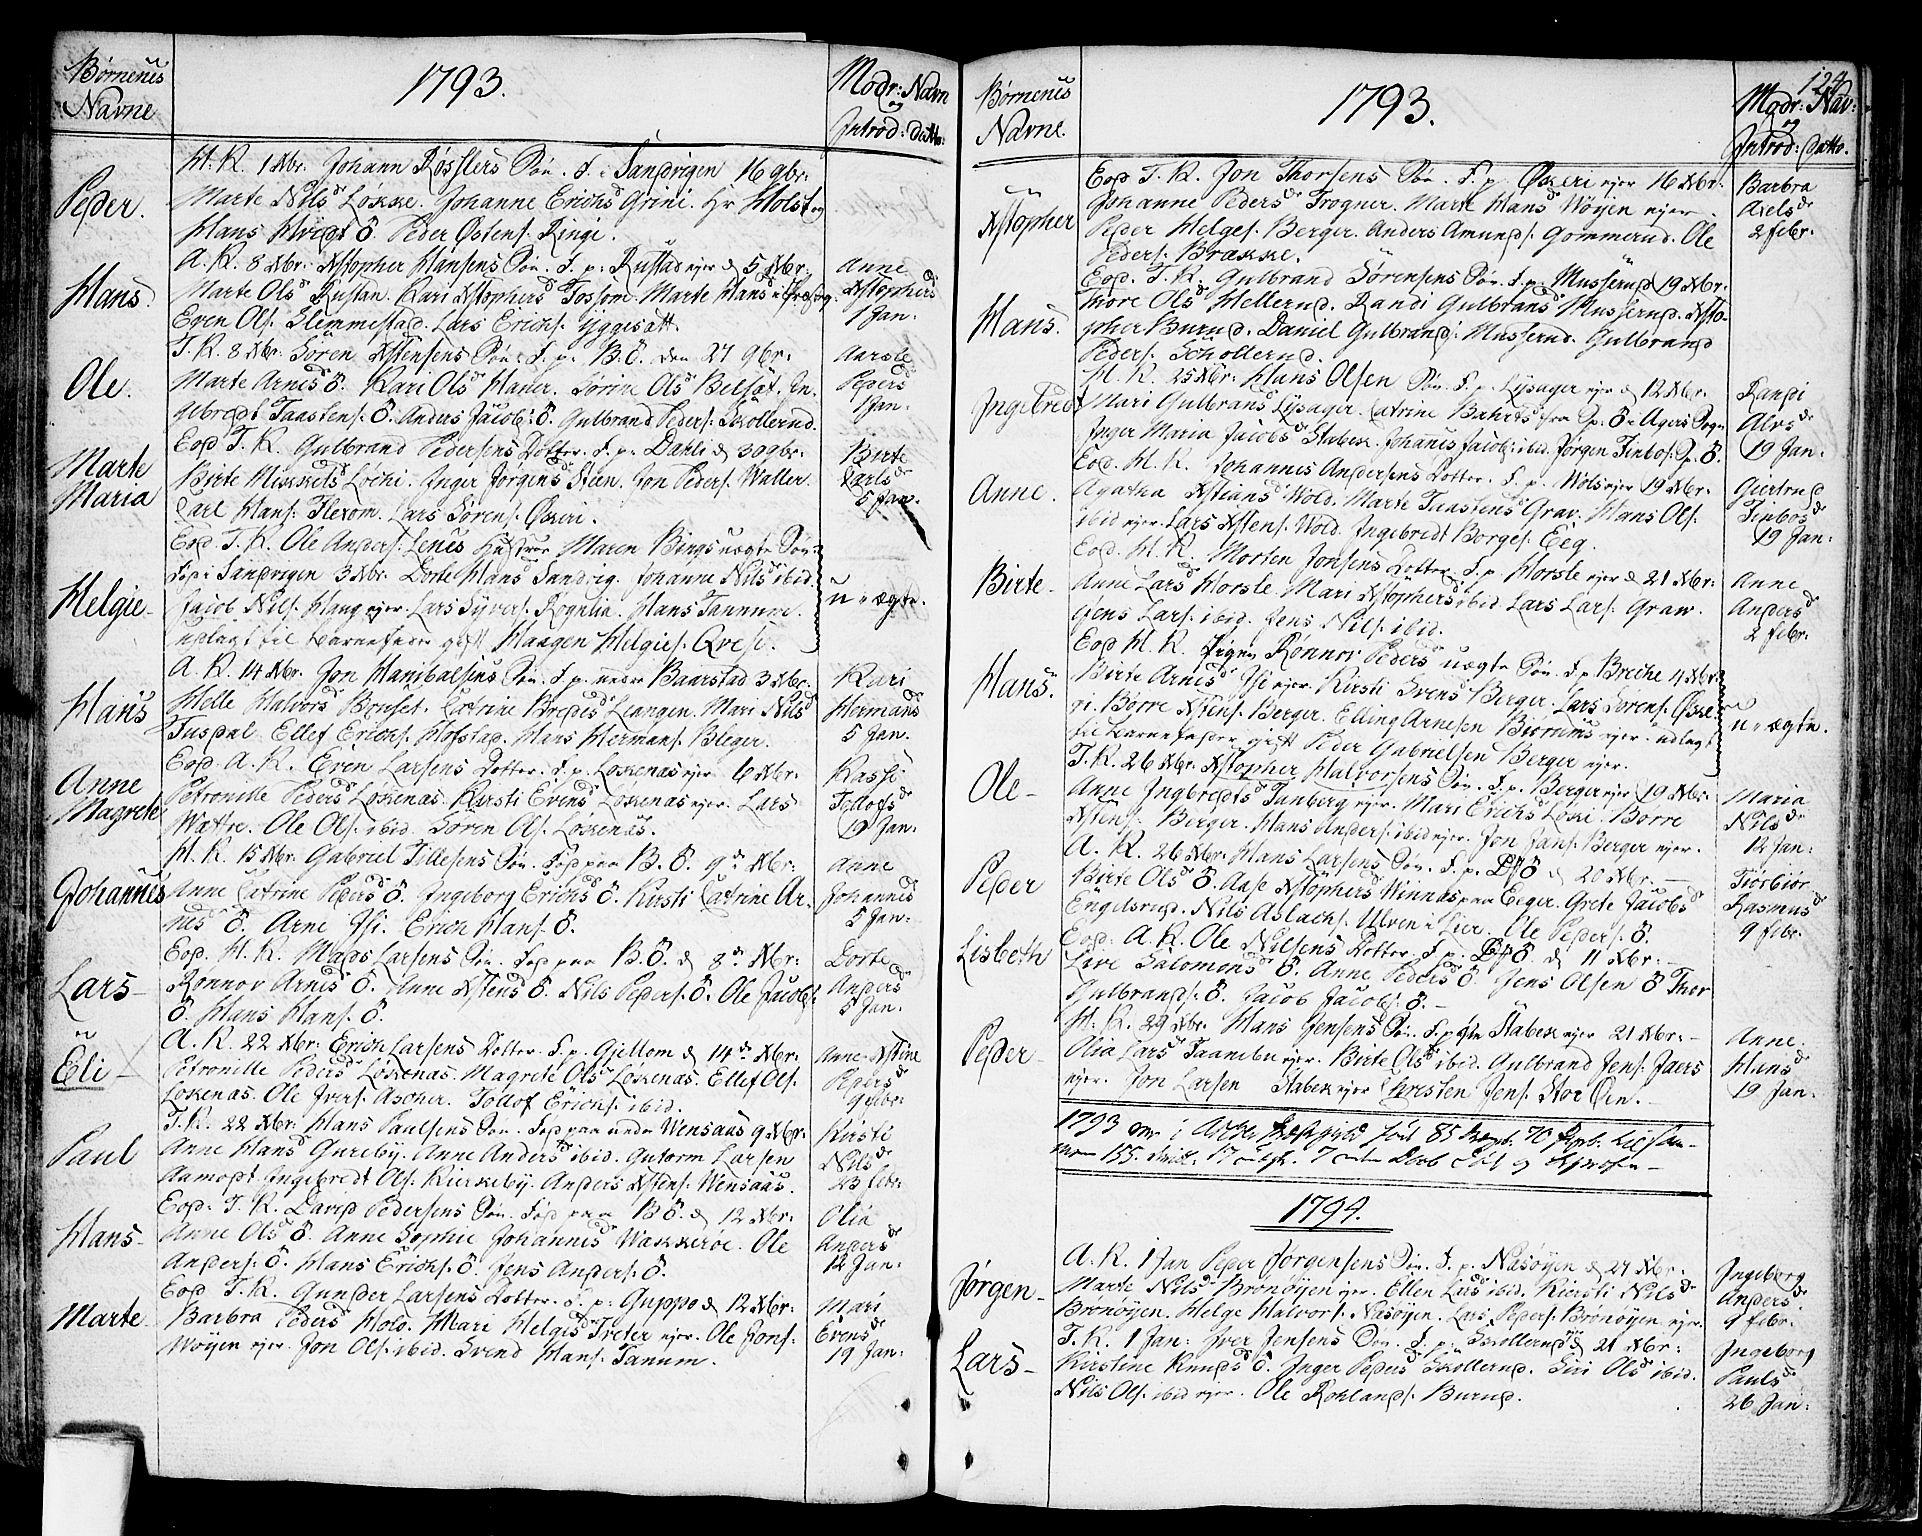 SAO, Asker prestekontor Kirkebøker, F/Fa/L0003: Ministerialbok nr. I 3, 1767-1807, s. 124